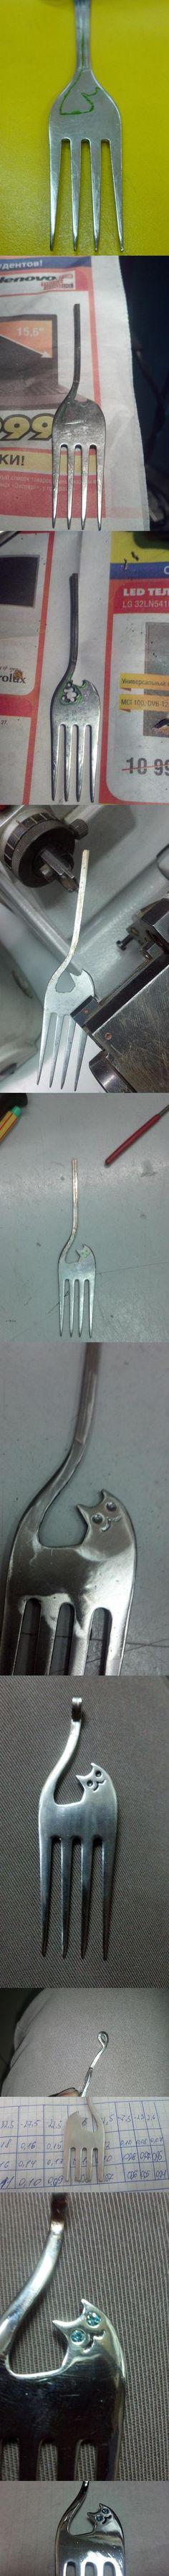 Une vieille fourchette qui sert à rien? ben ça fait un chat.